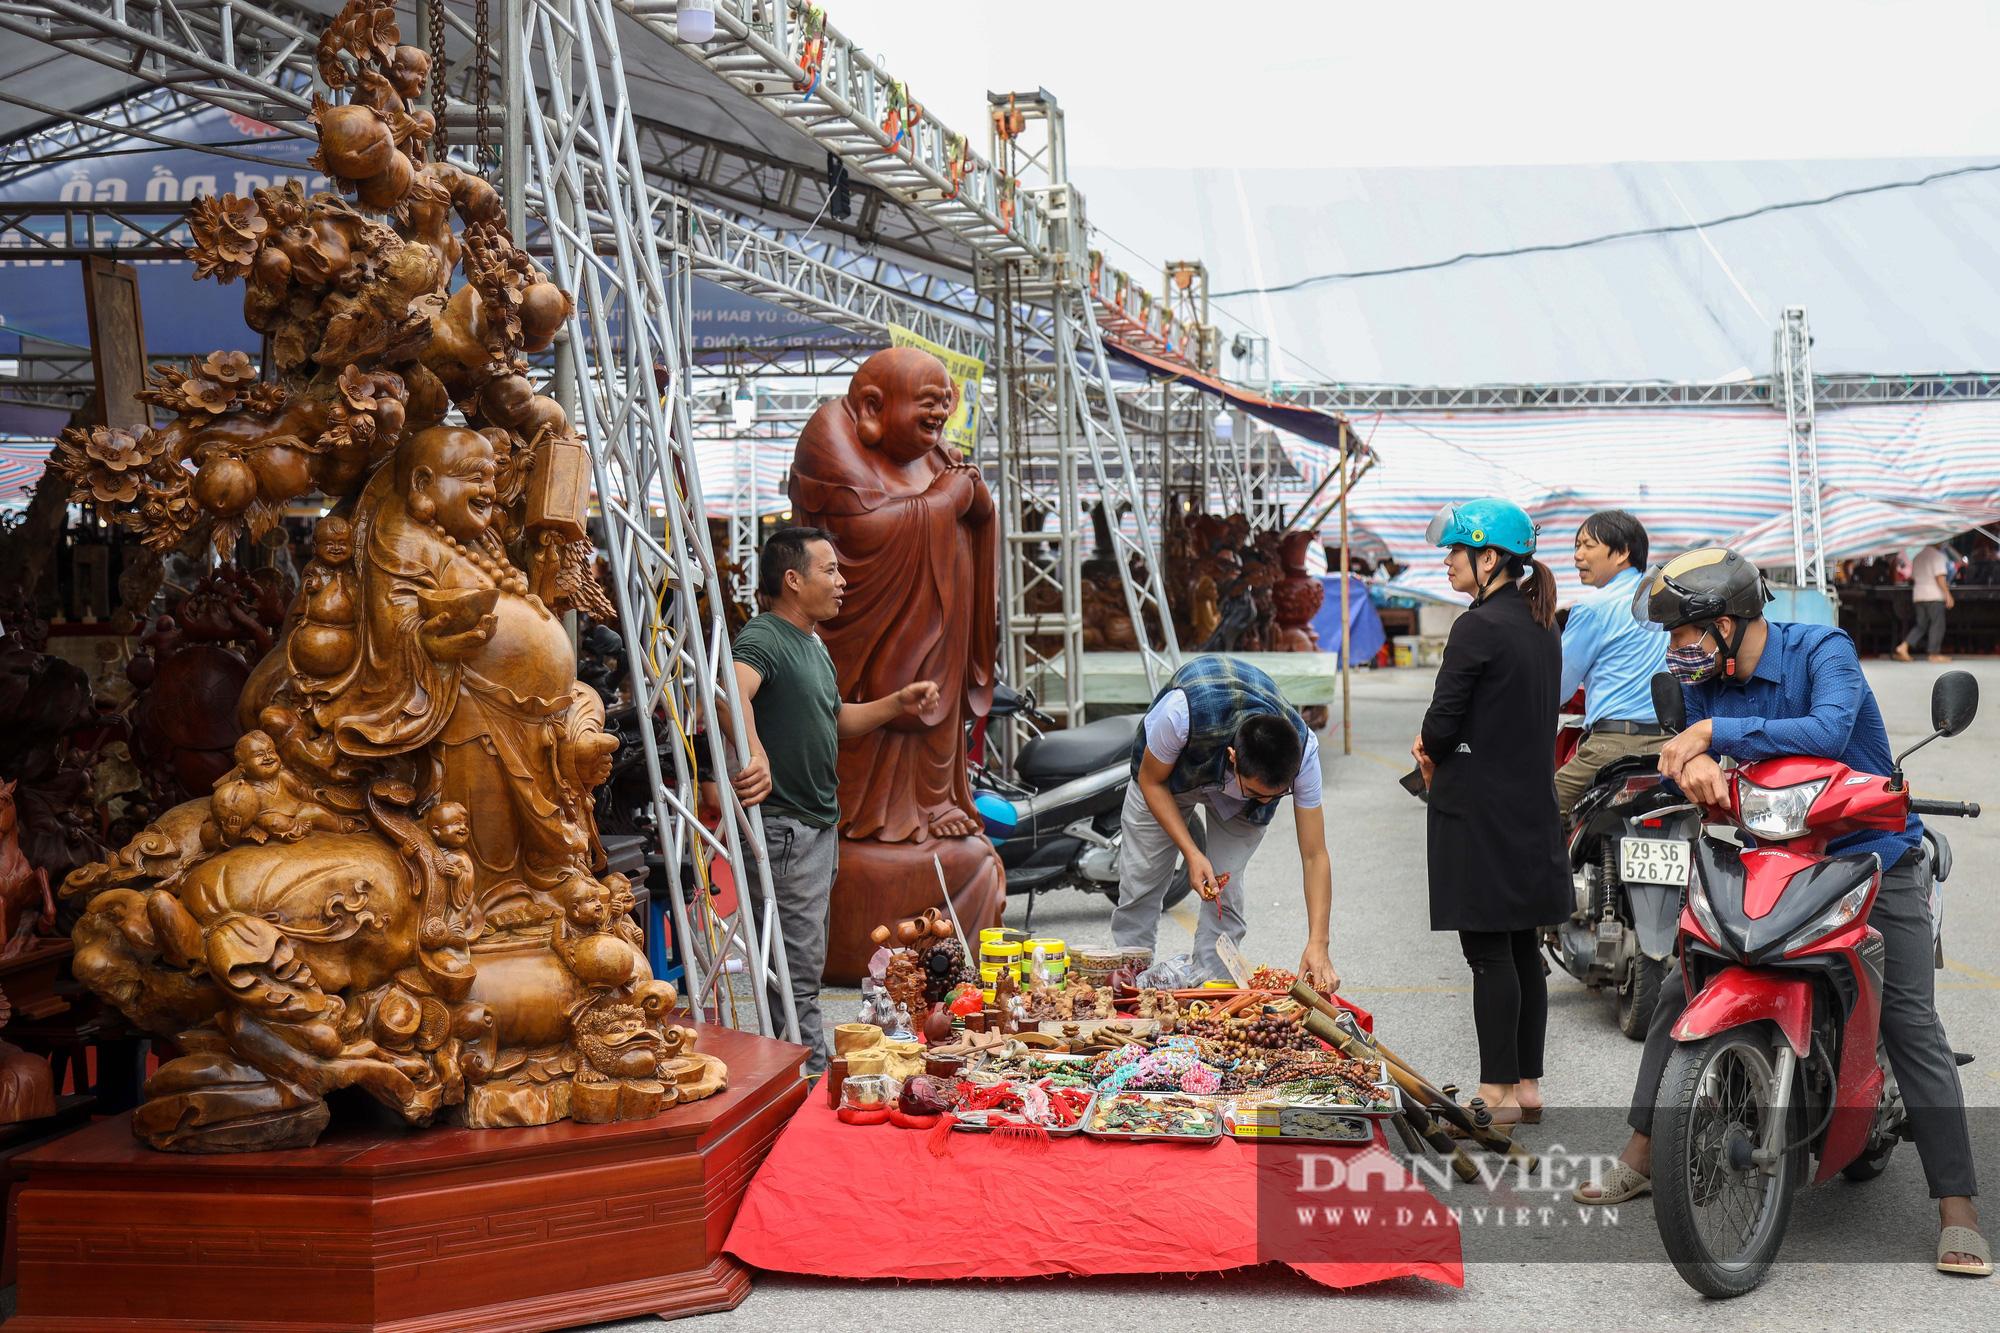 Ngỡ ngàng khúc gỗ 10 tỷ đồng ở hội chợ đồ gỗ Hà Nội - Ảnh 2.